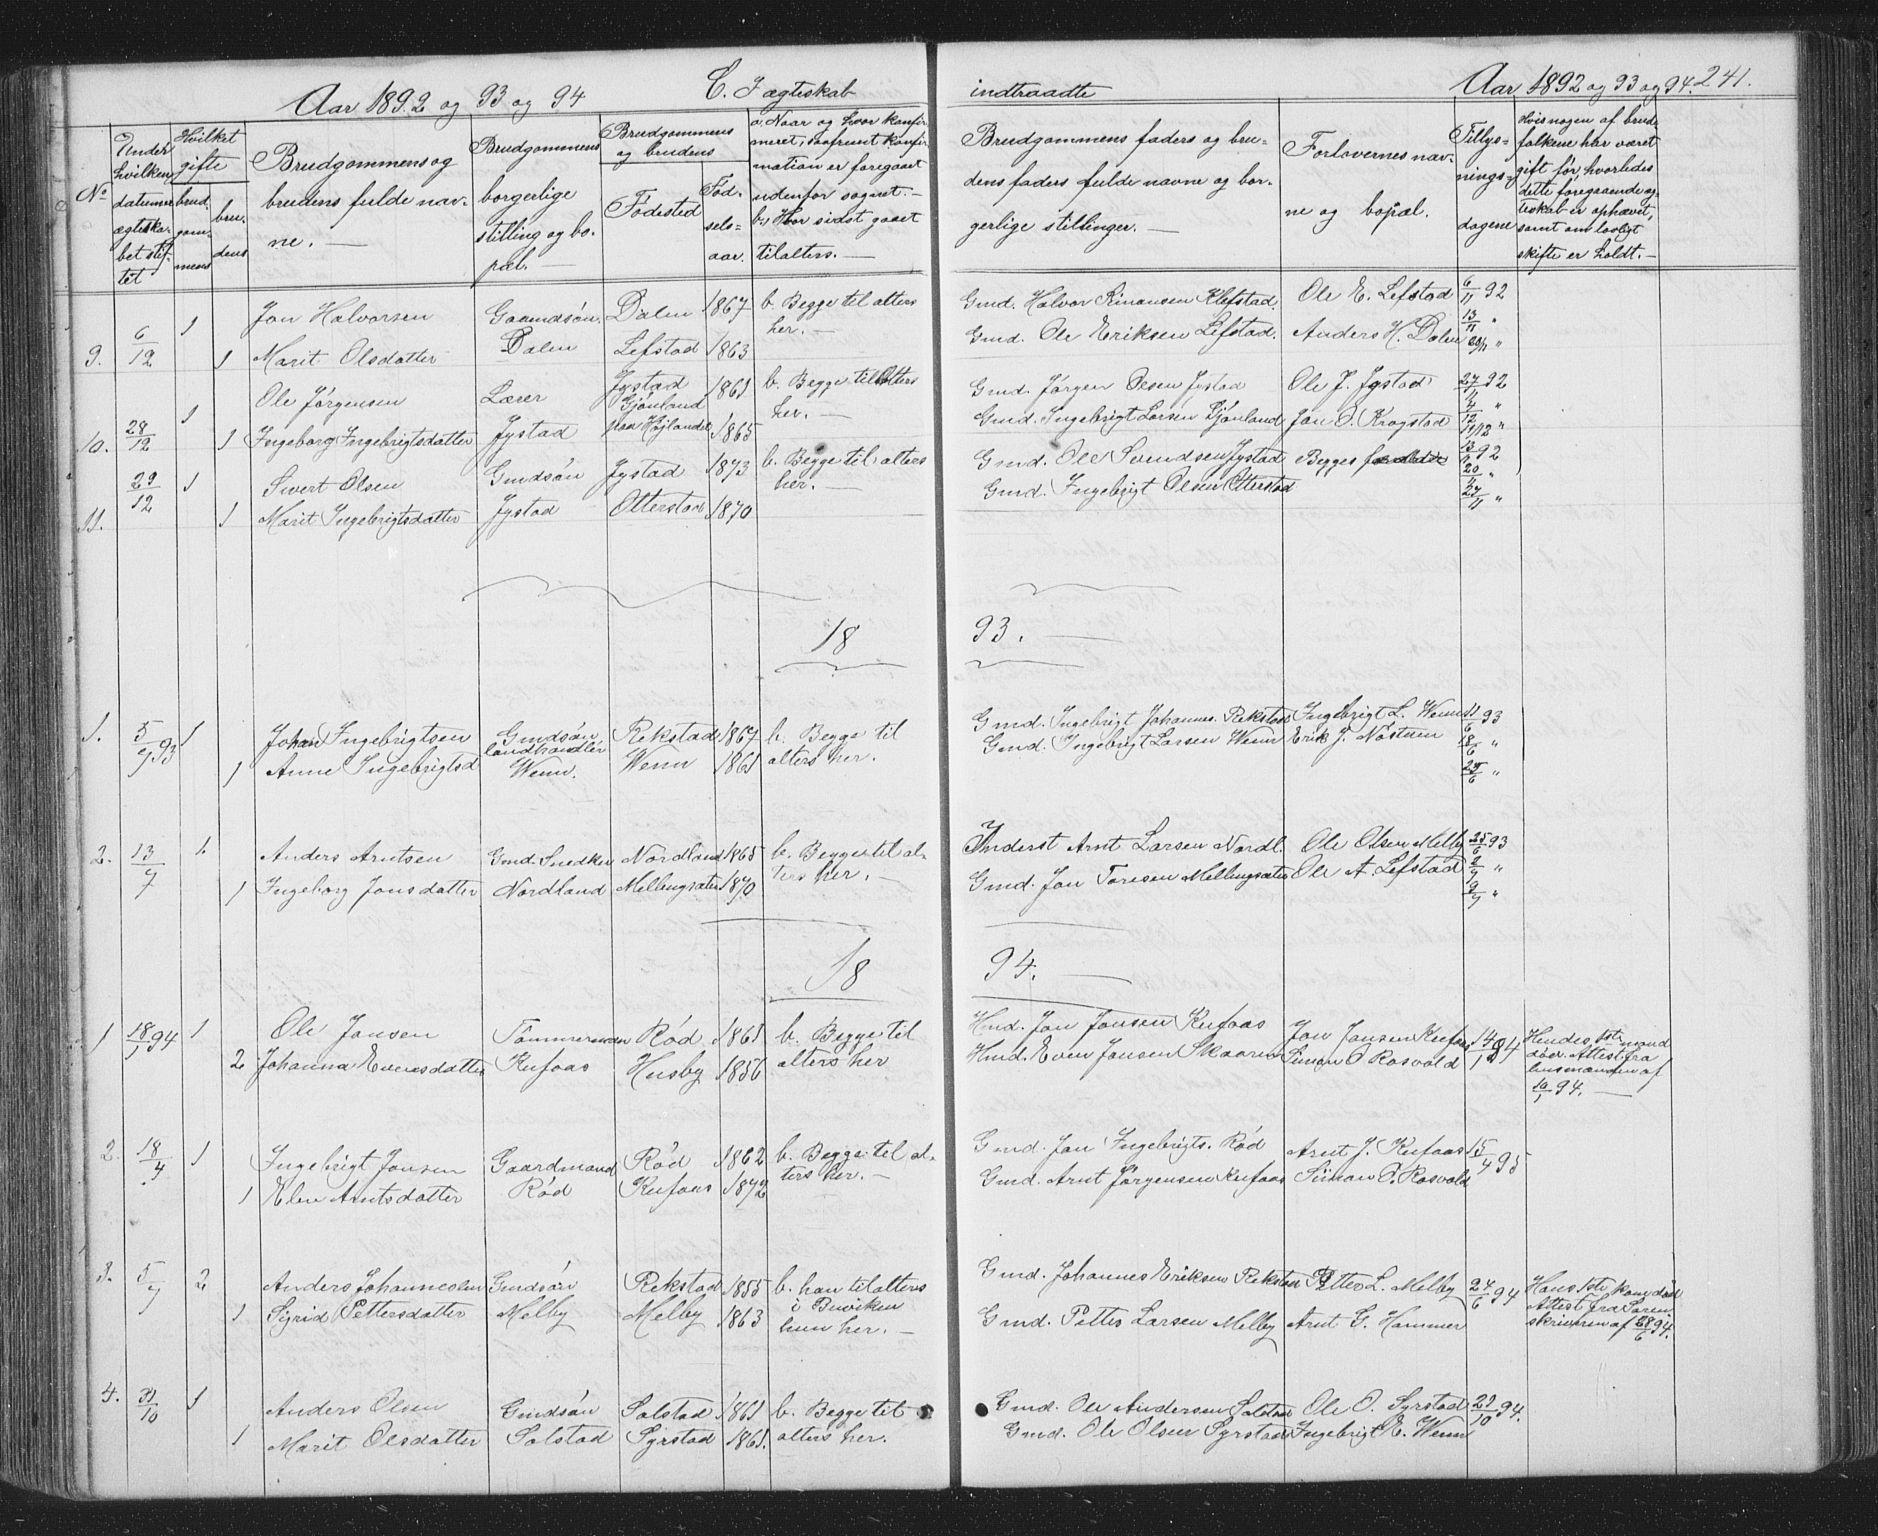 SAT, Ministerialprotokoller, klokkerbøker og fødselsregistre - Sør-Trøndelag, 667/L0798: Klokkerbok nr. 667C03, 1867-1929, s. 241